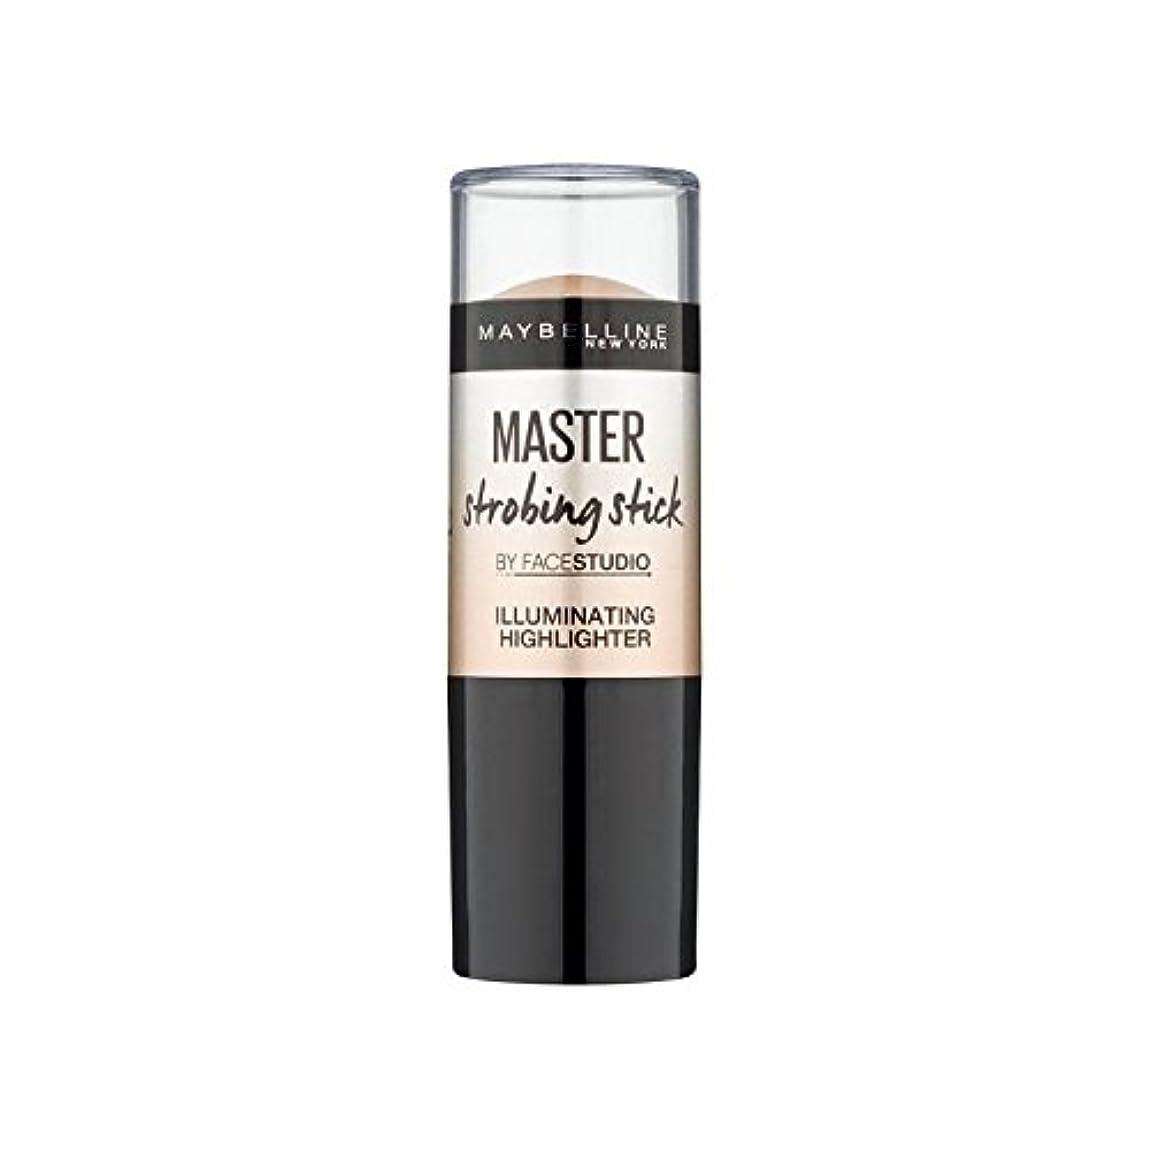 スクリューリンケージ暴力的なメイベリンマスターストロボスティック媒体 x4 - Maybelline Master Strobing Stick Medium (Pack of 4) [並行輸入品]